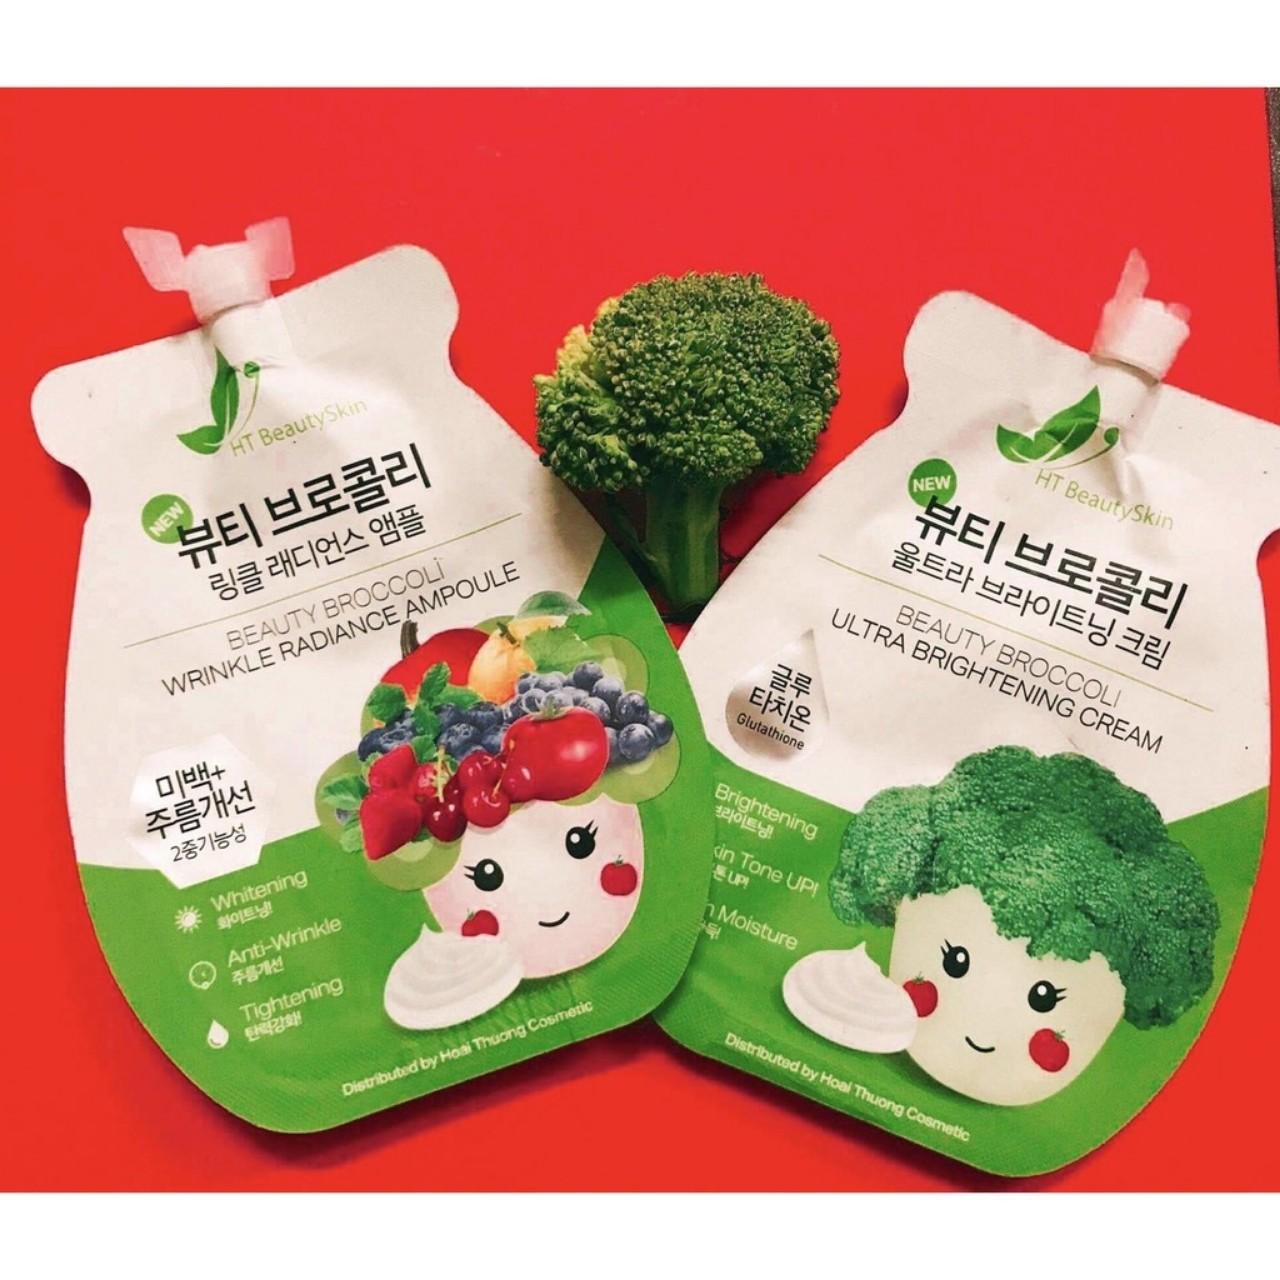 Combo trắng da Tinh chất Ampoule Súp Lơ - Beauty Broccoli Wrinkle Radiance Ampoule và KEM FACE SÚP LƠ - Beauty Broccoli Ultra Brightening Cream